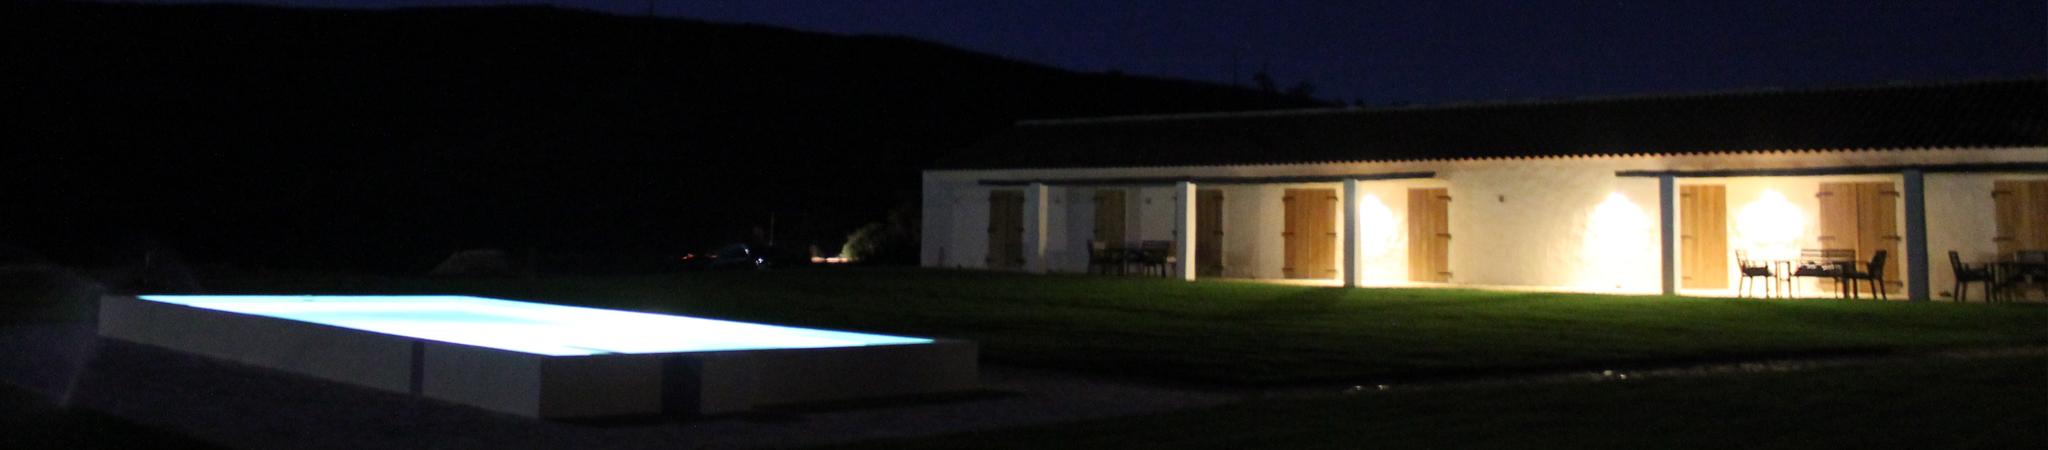 burroville noite.jpg